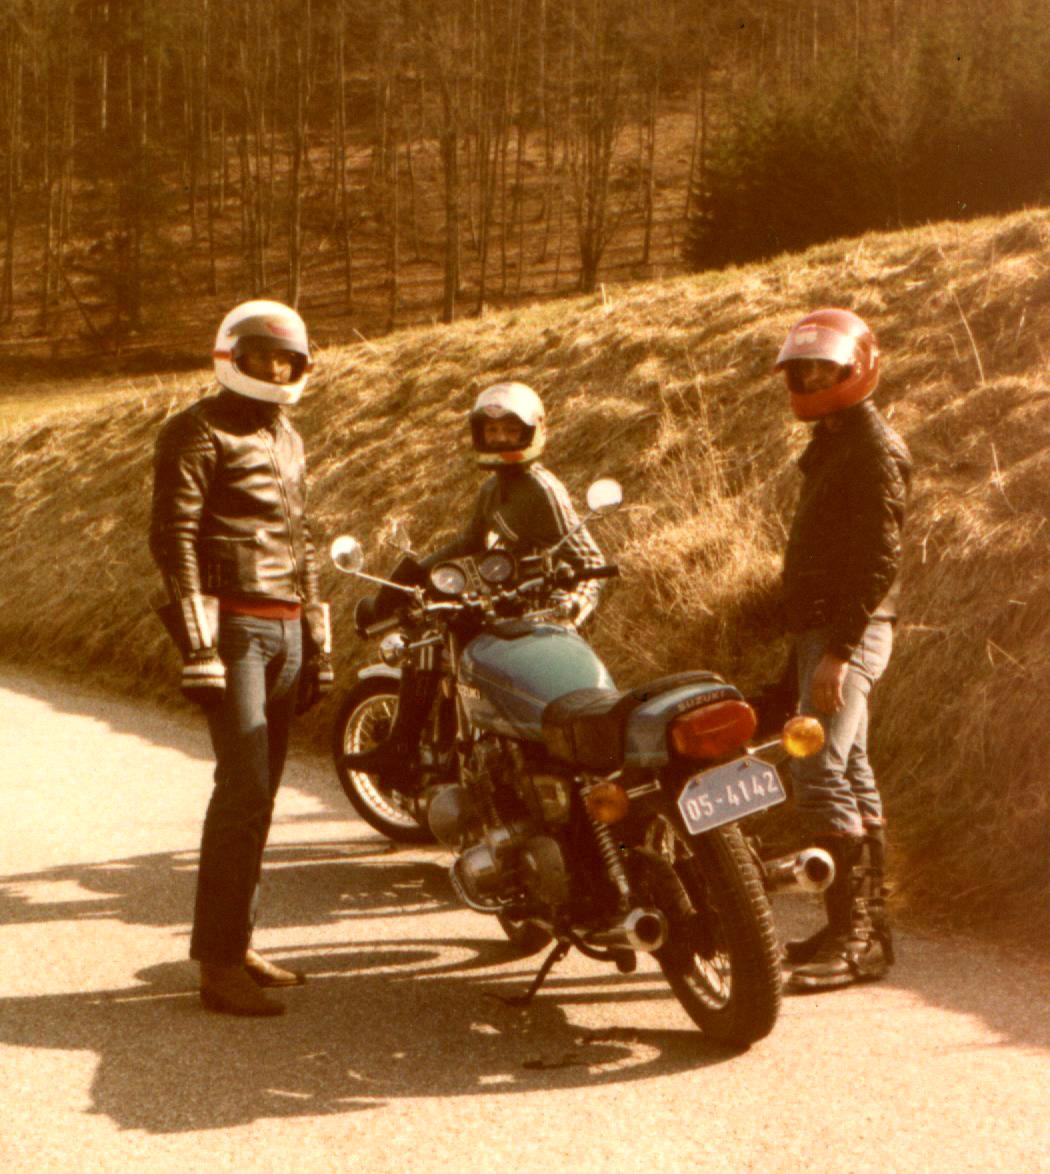 1978 Suzuki GS750 Stetten